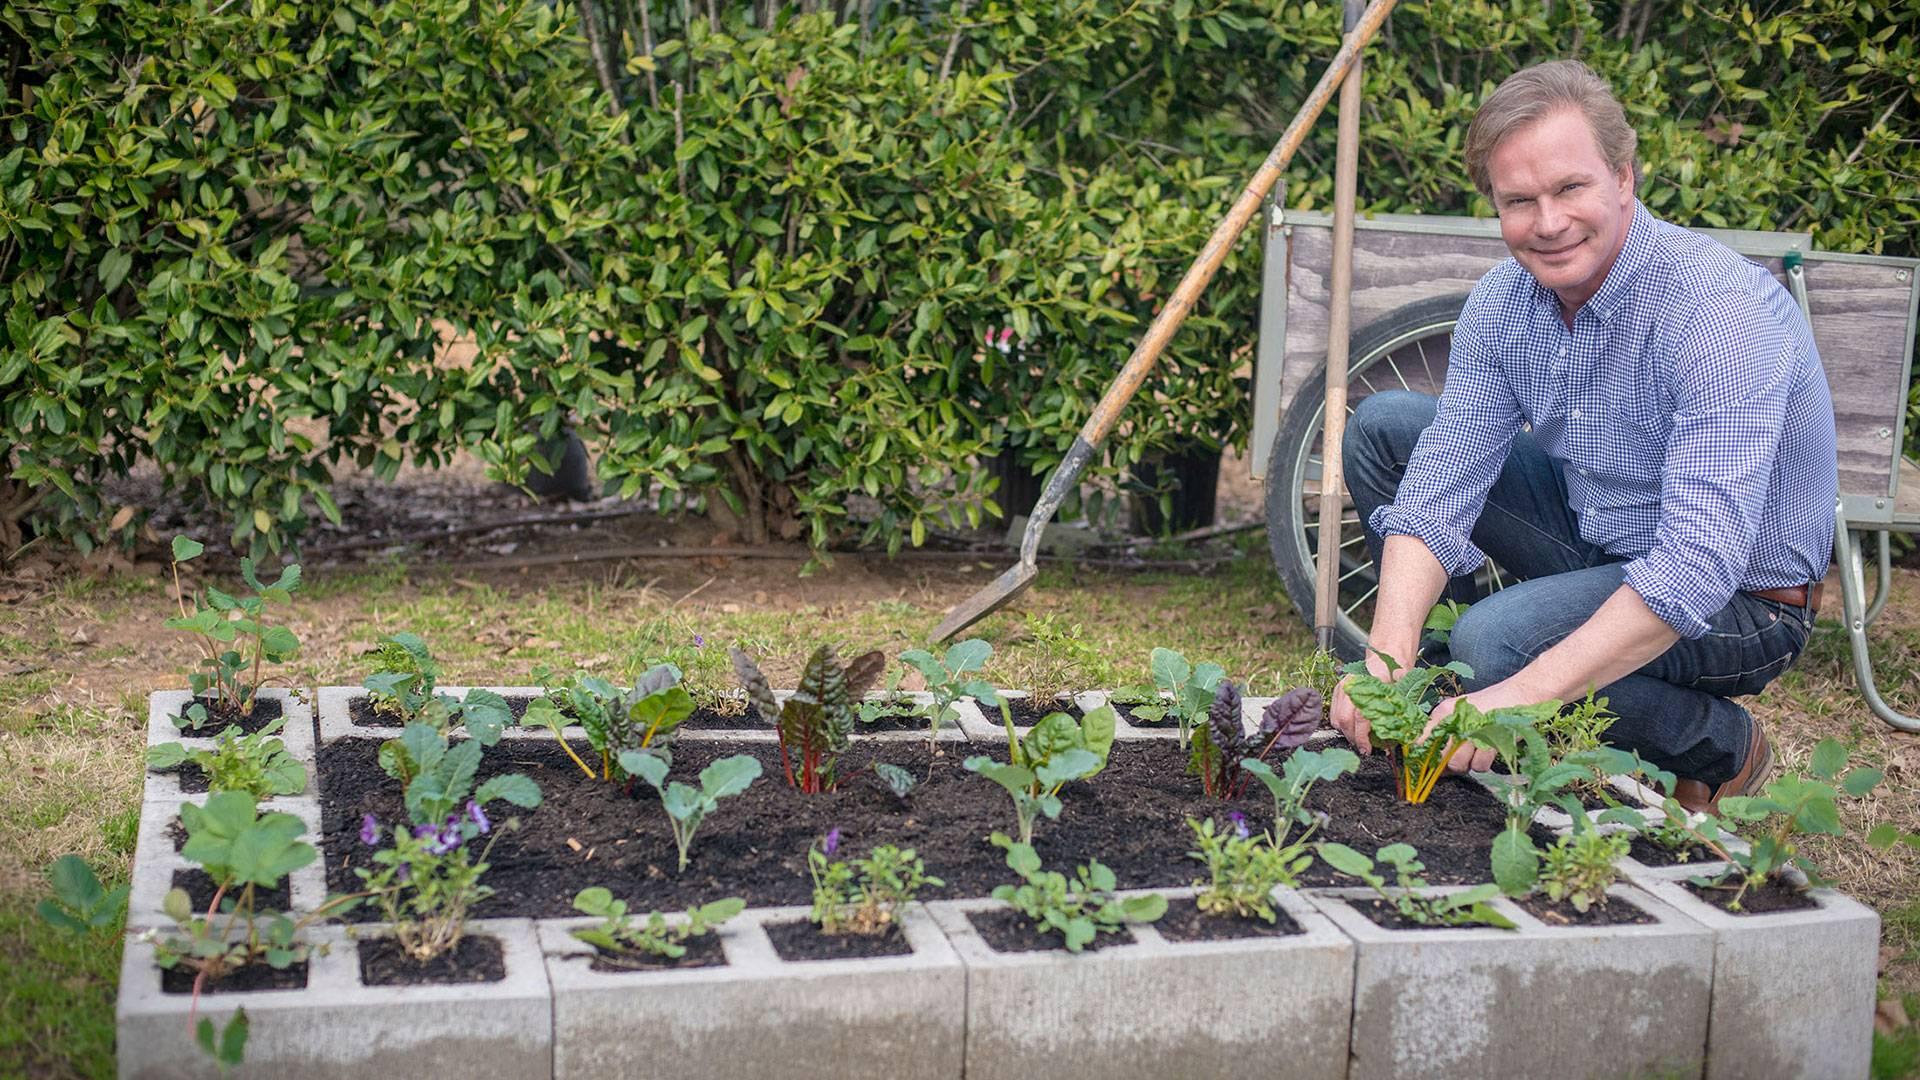 Gardening Lifestyle Nine Network Of Public Media